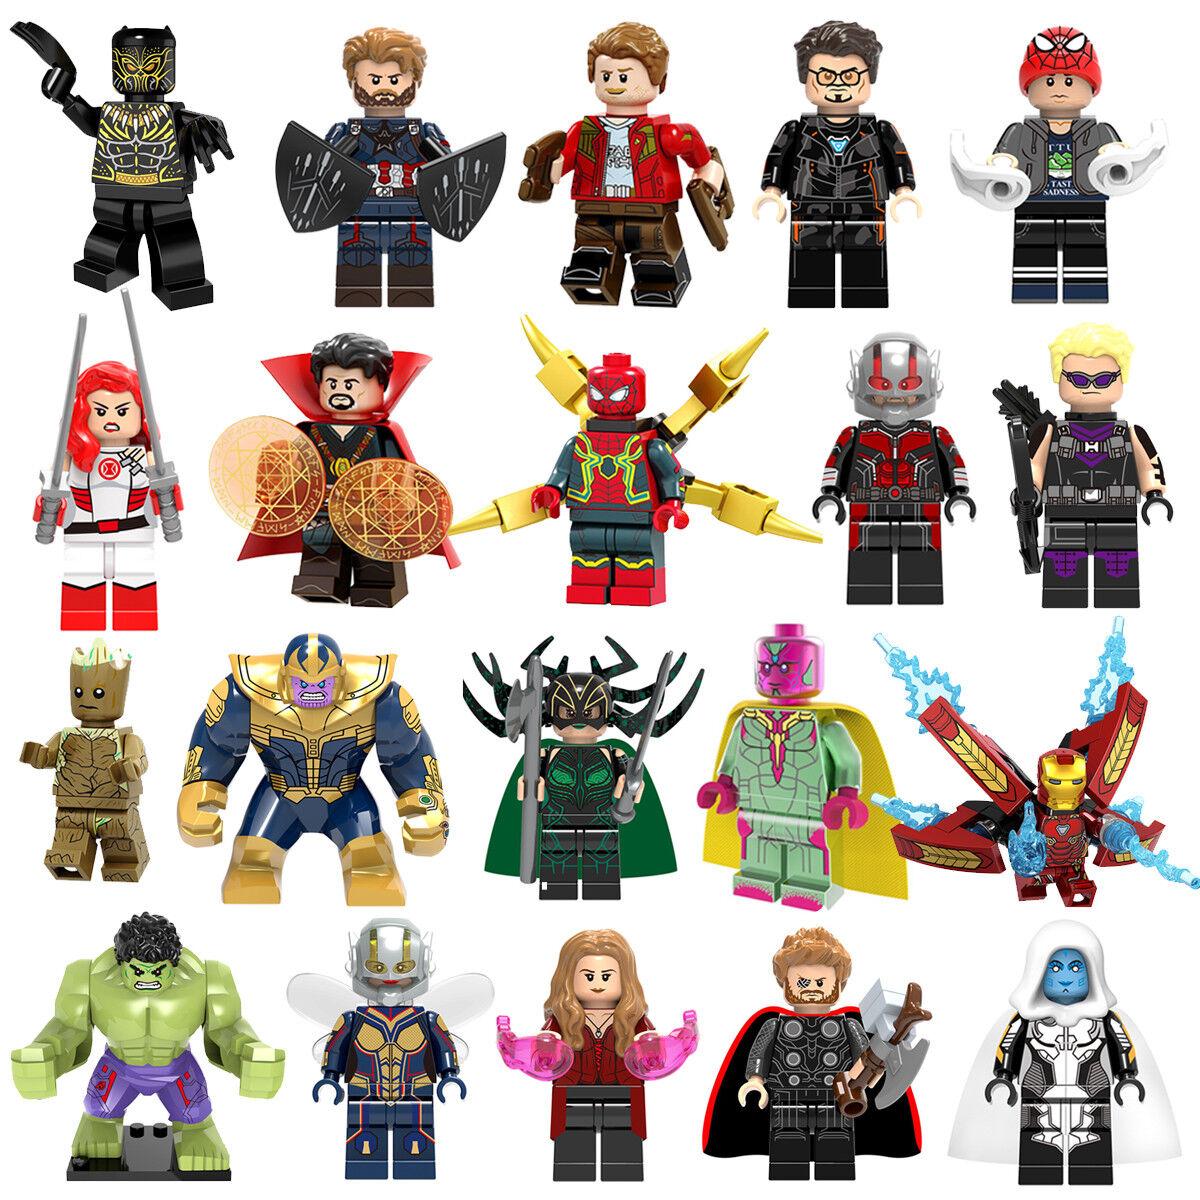 здесь картинки лего человечки мстители будут интересны